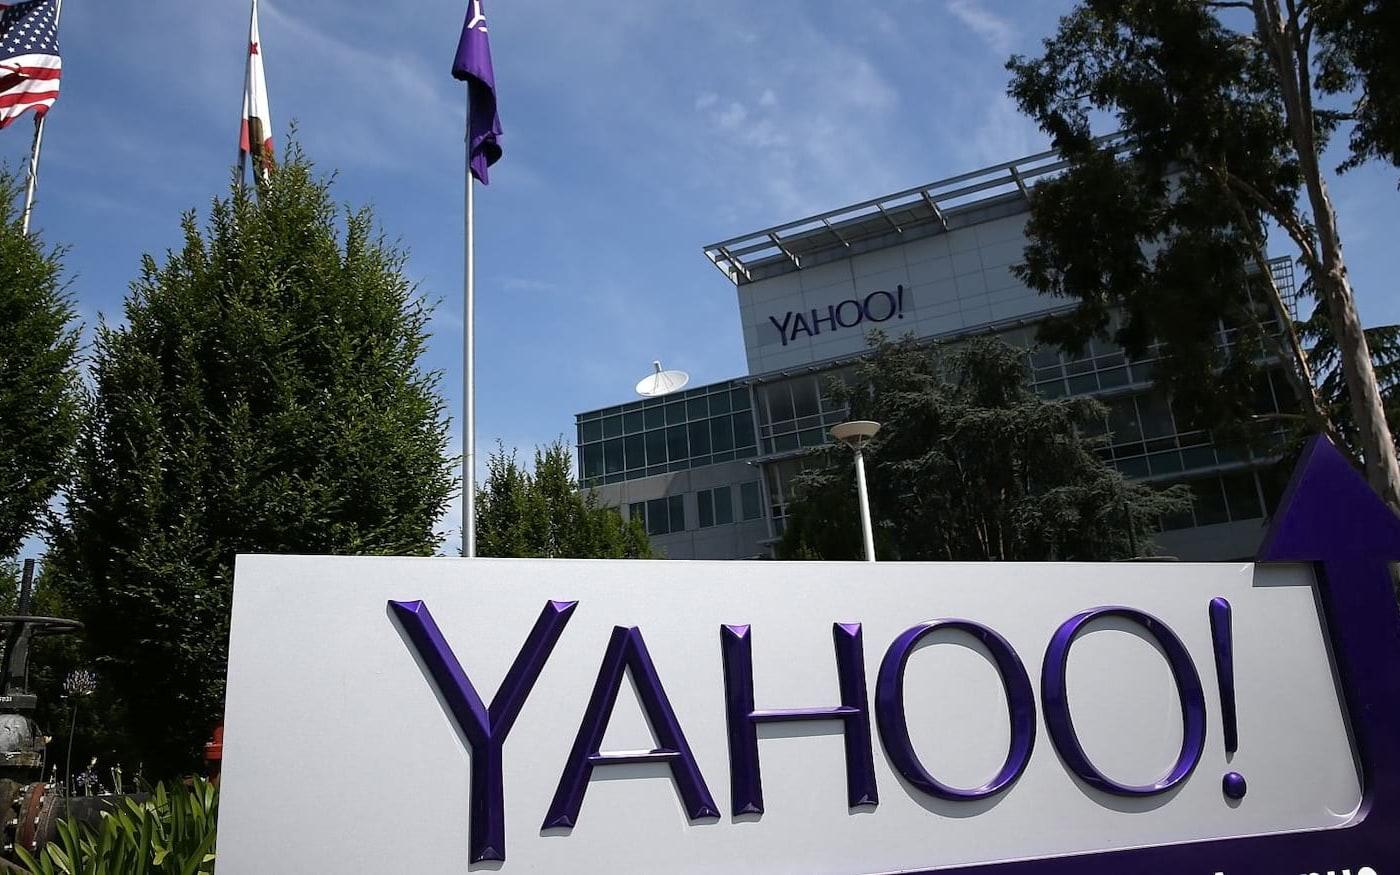 Ex-engenheiro do Yahoo! roubou gigas de pornografia de usuários durante anos